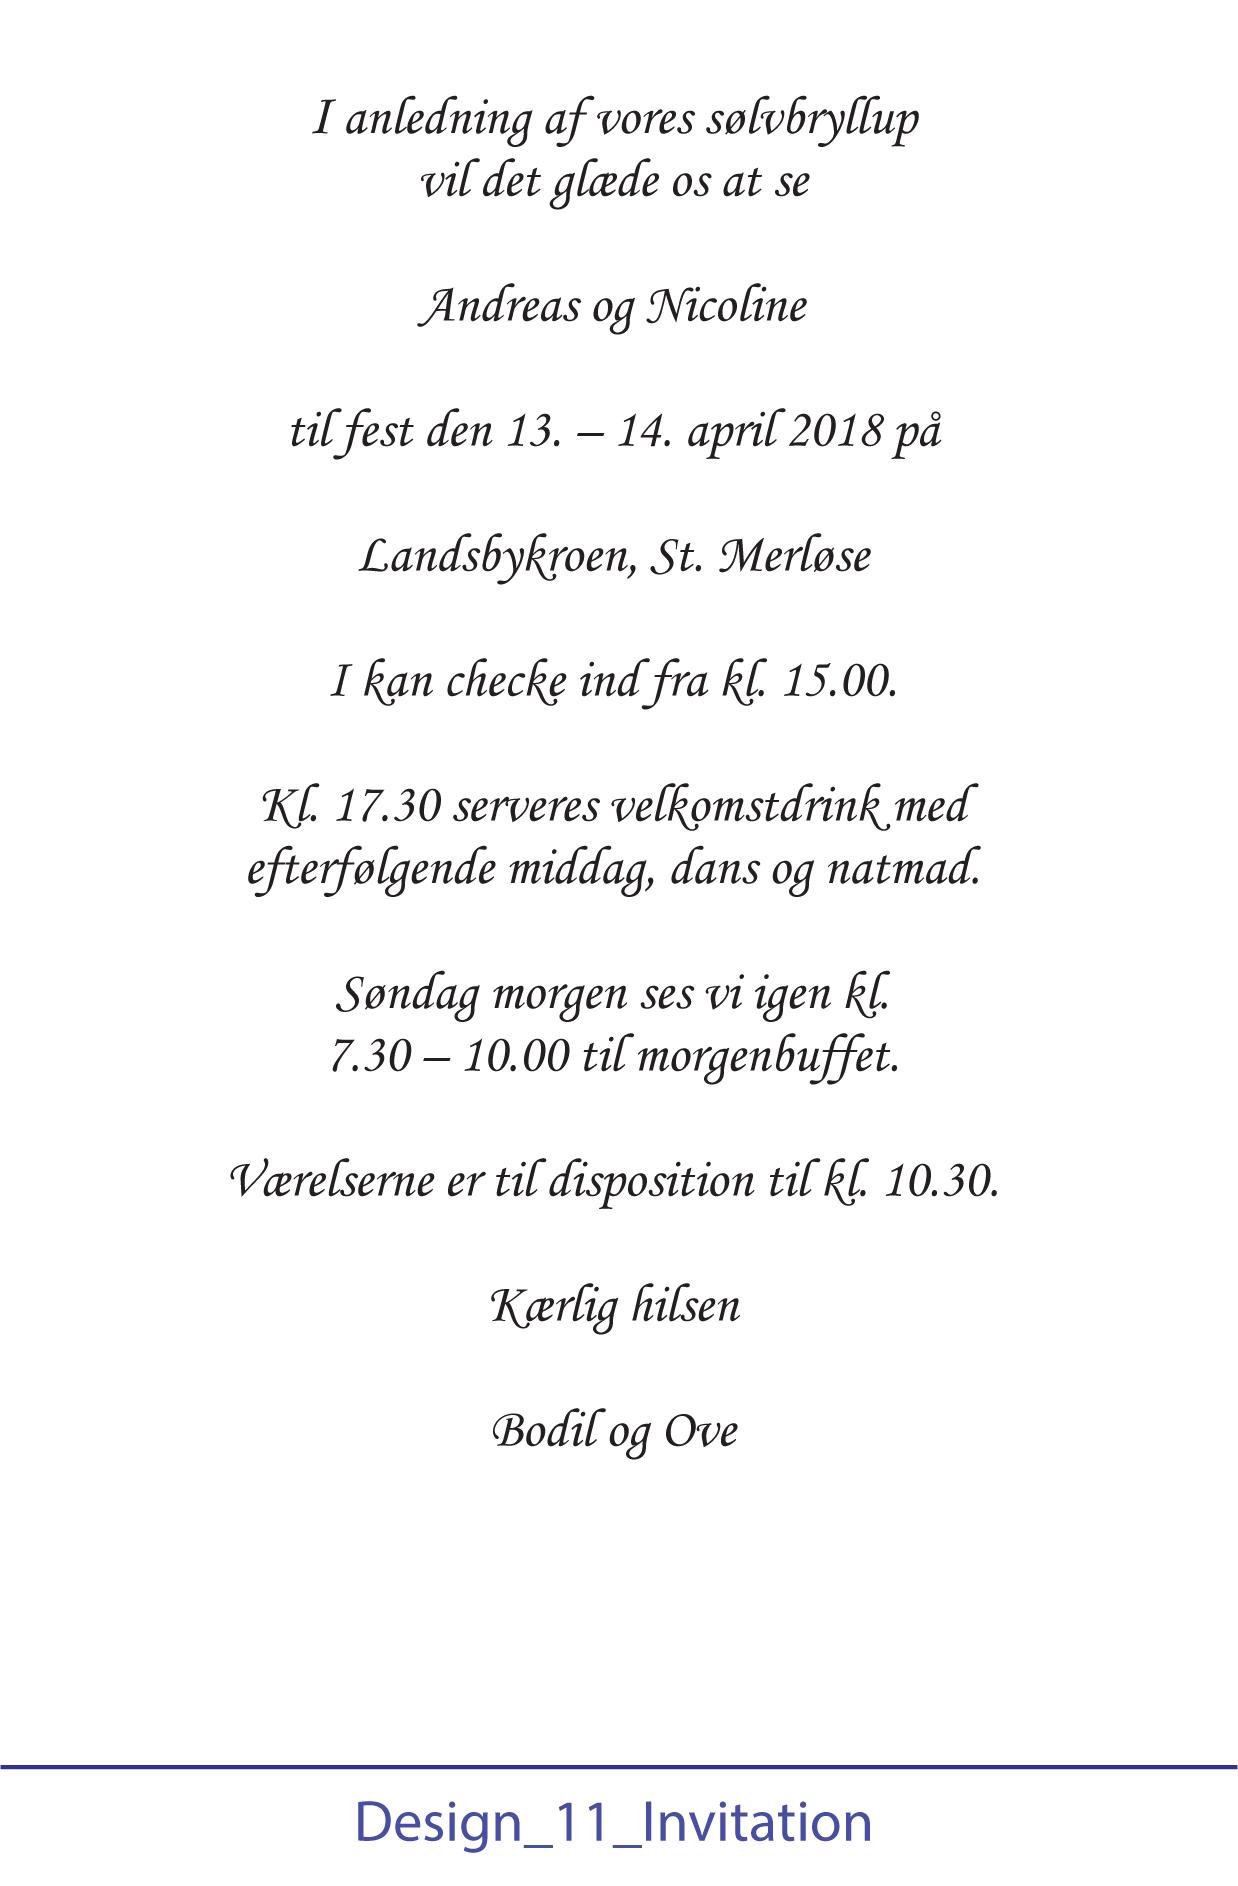 Opsætning af tekst - Design 11